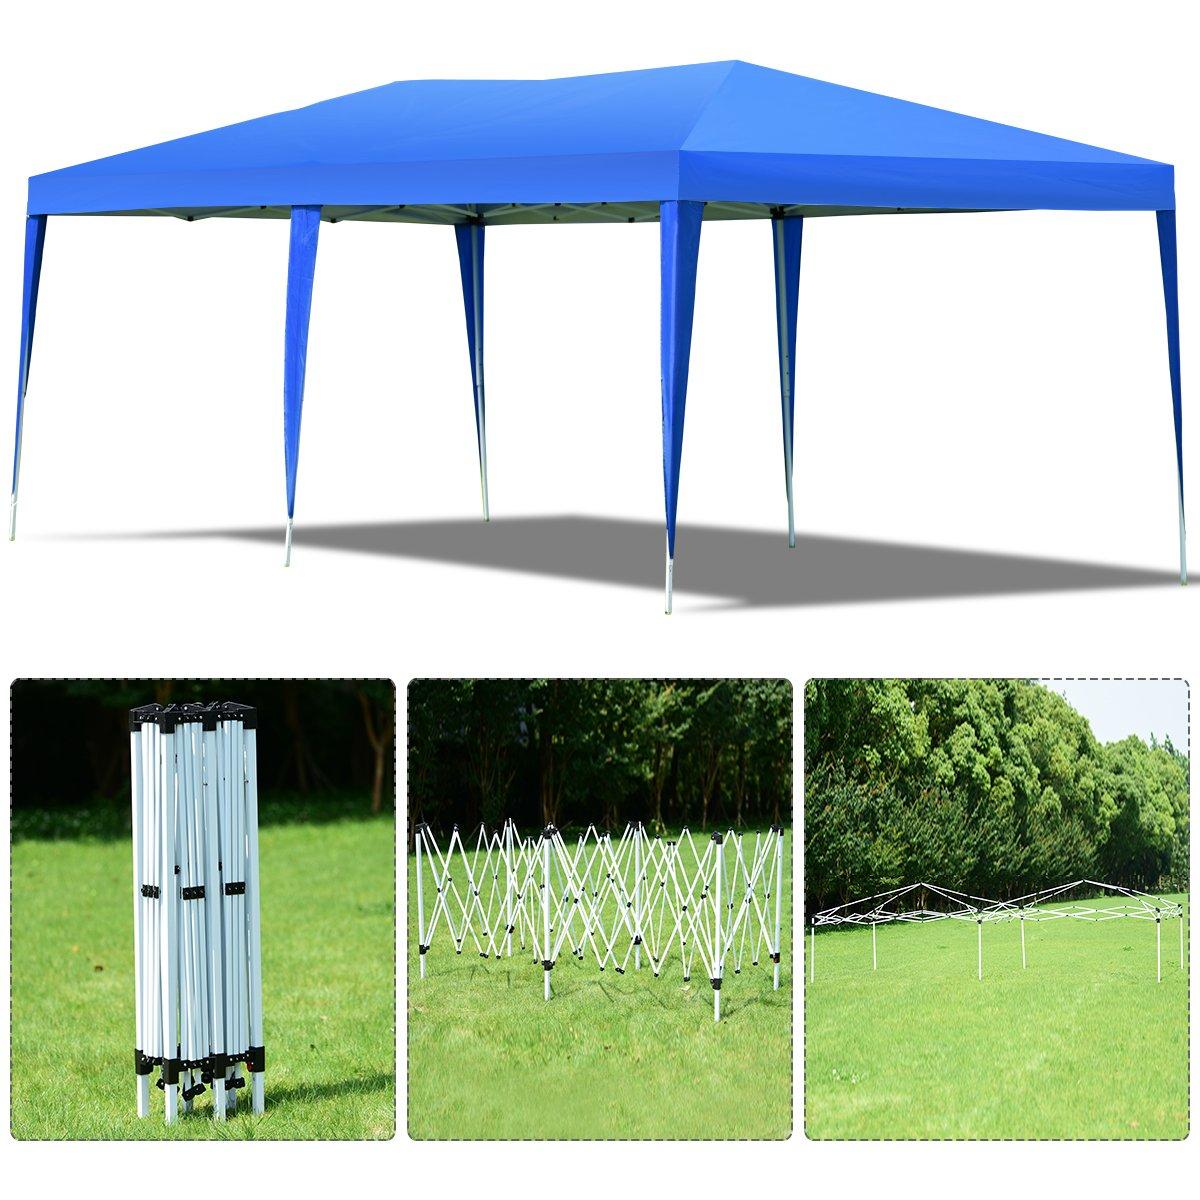 Pavillon inkl Tragetasche COSTWAY Gartenpavillon Partyzelt Faltzelt 3x6m Faltpavillon Bierzelt UV-Schutz blau Gartenzelt faltbar